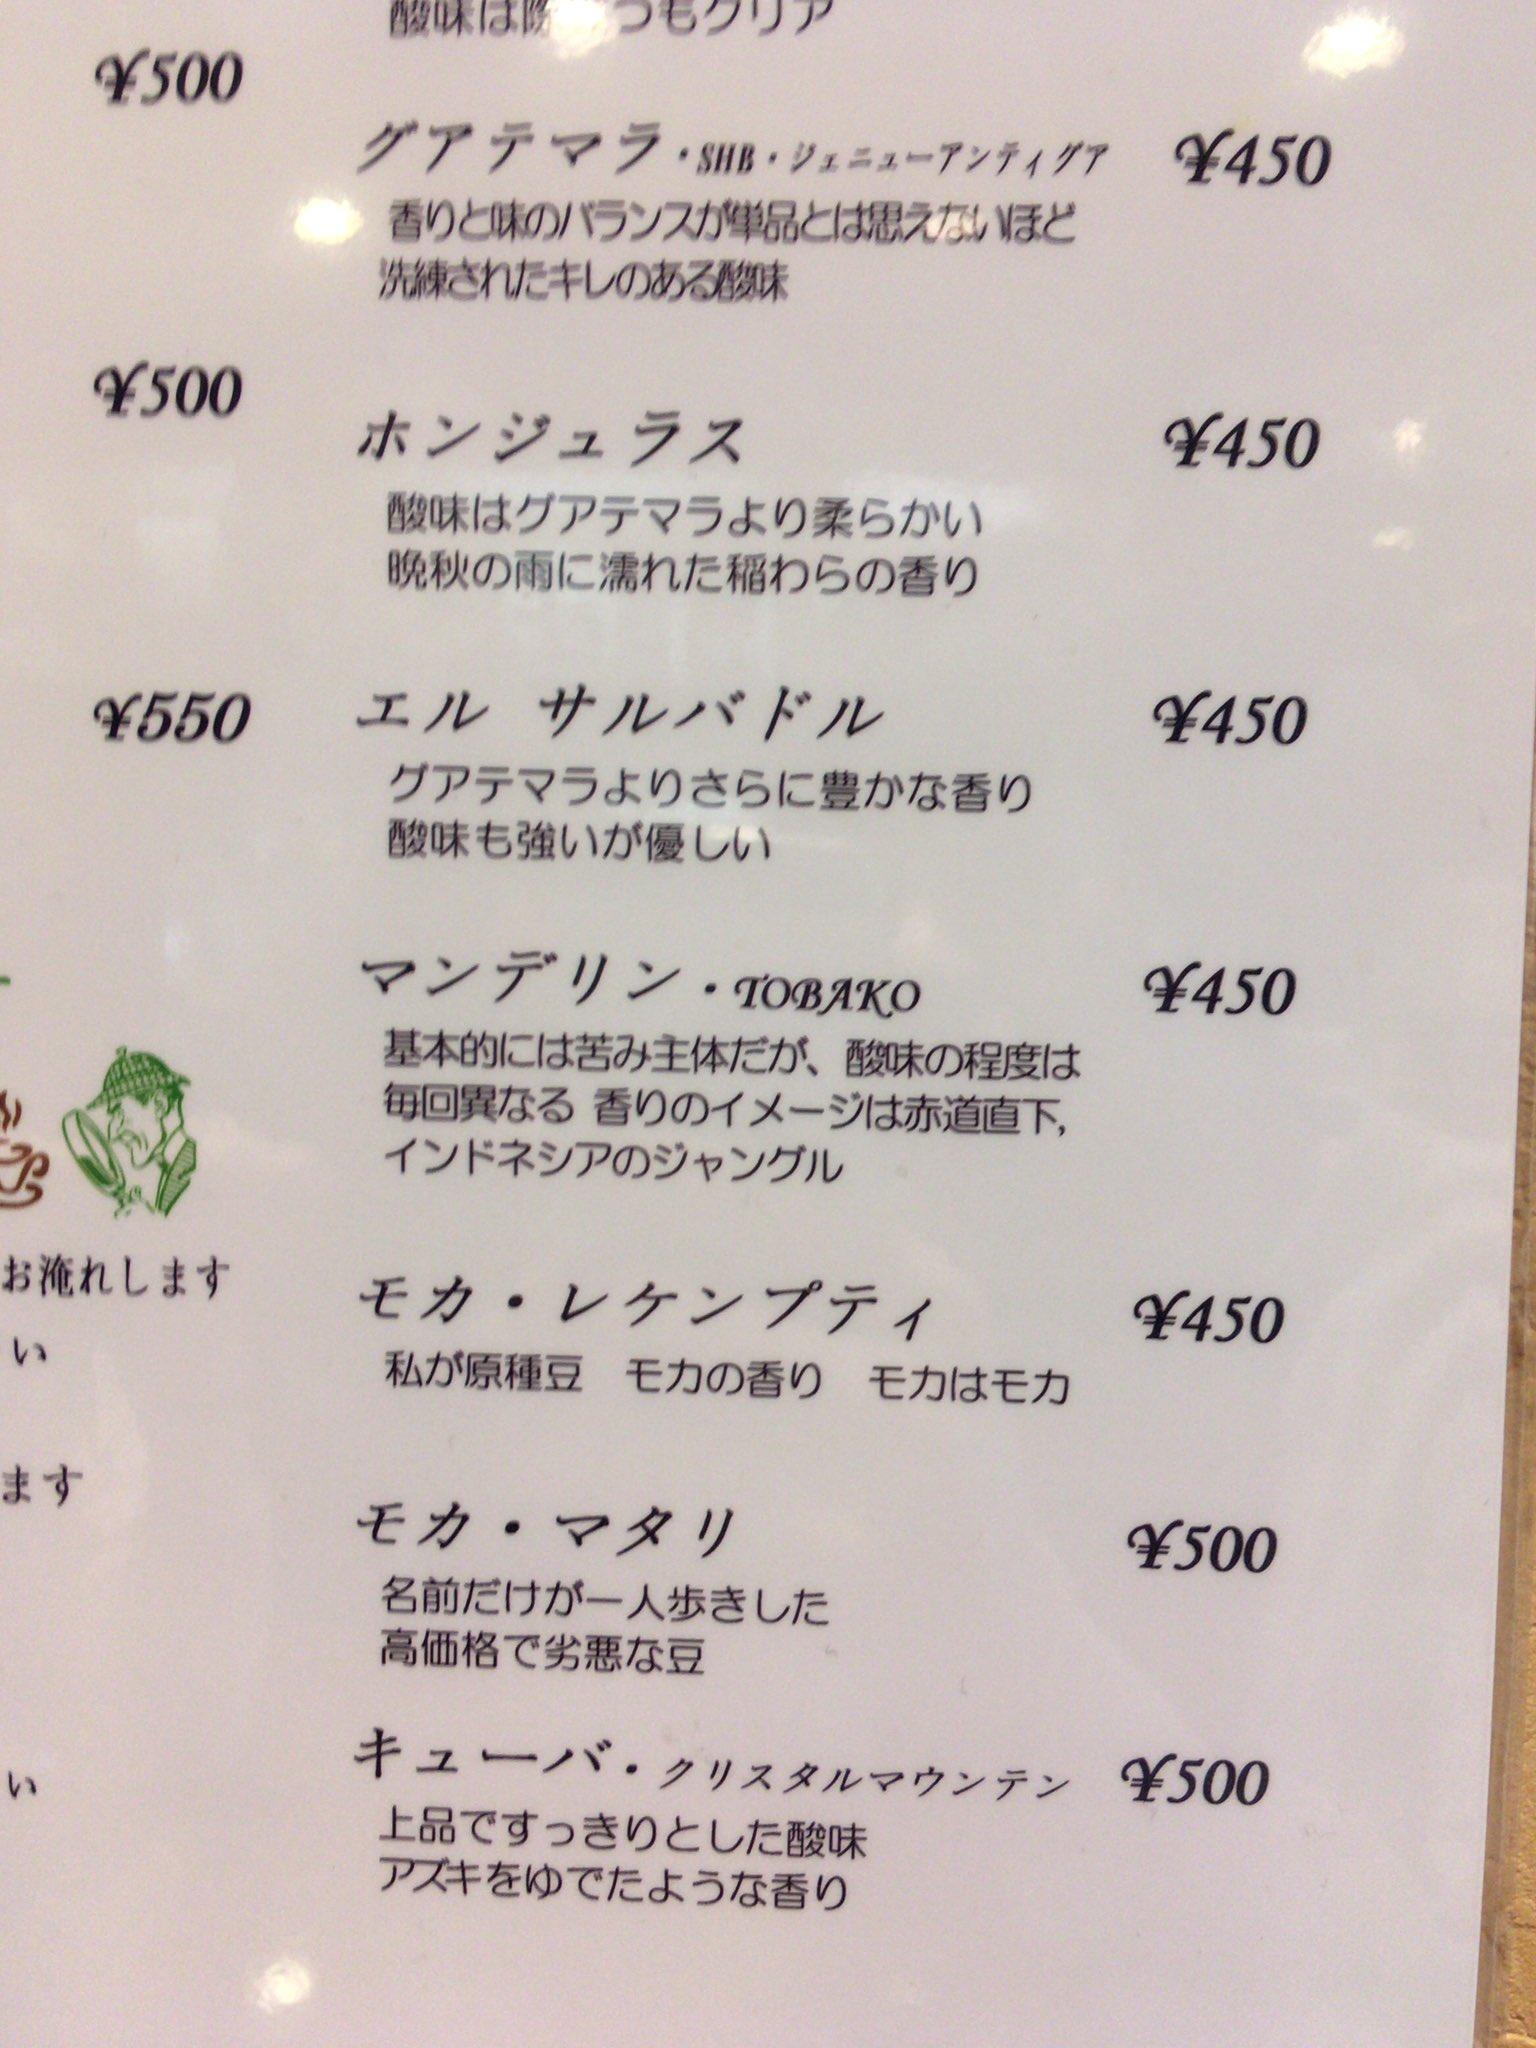 お気に入りの喫茶店のコーヒー紹介文。 何回見てもモカ・マタリだけ痛烈な批判で笑ってしまう。